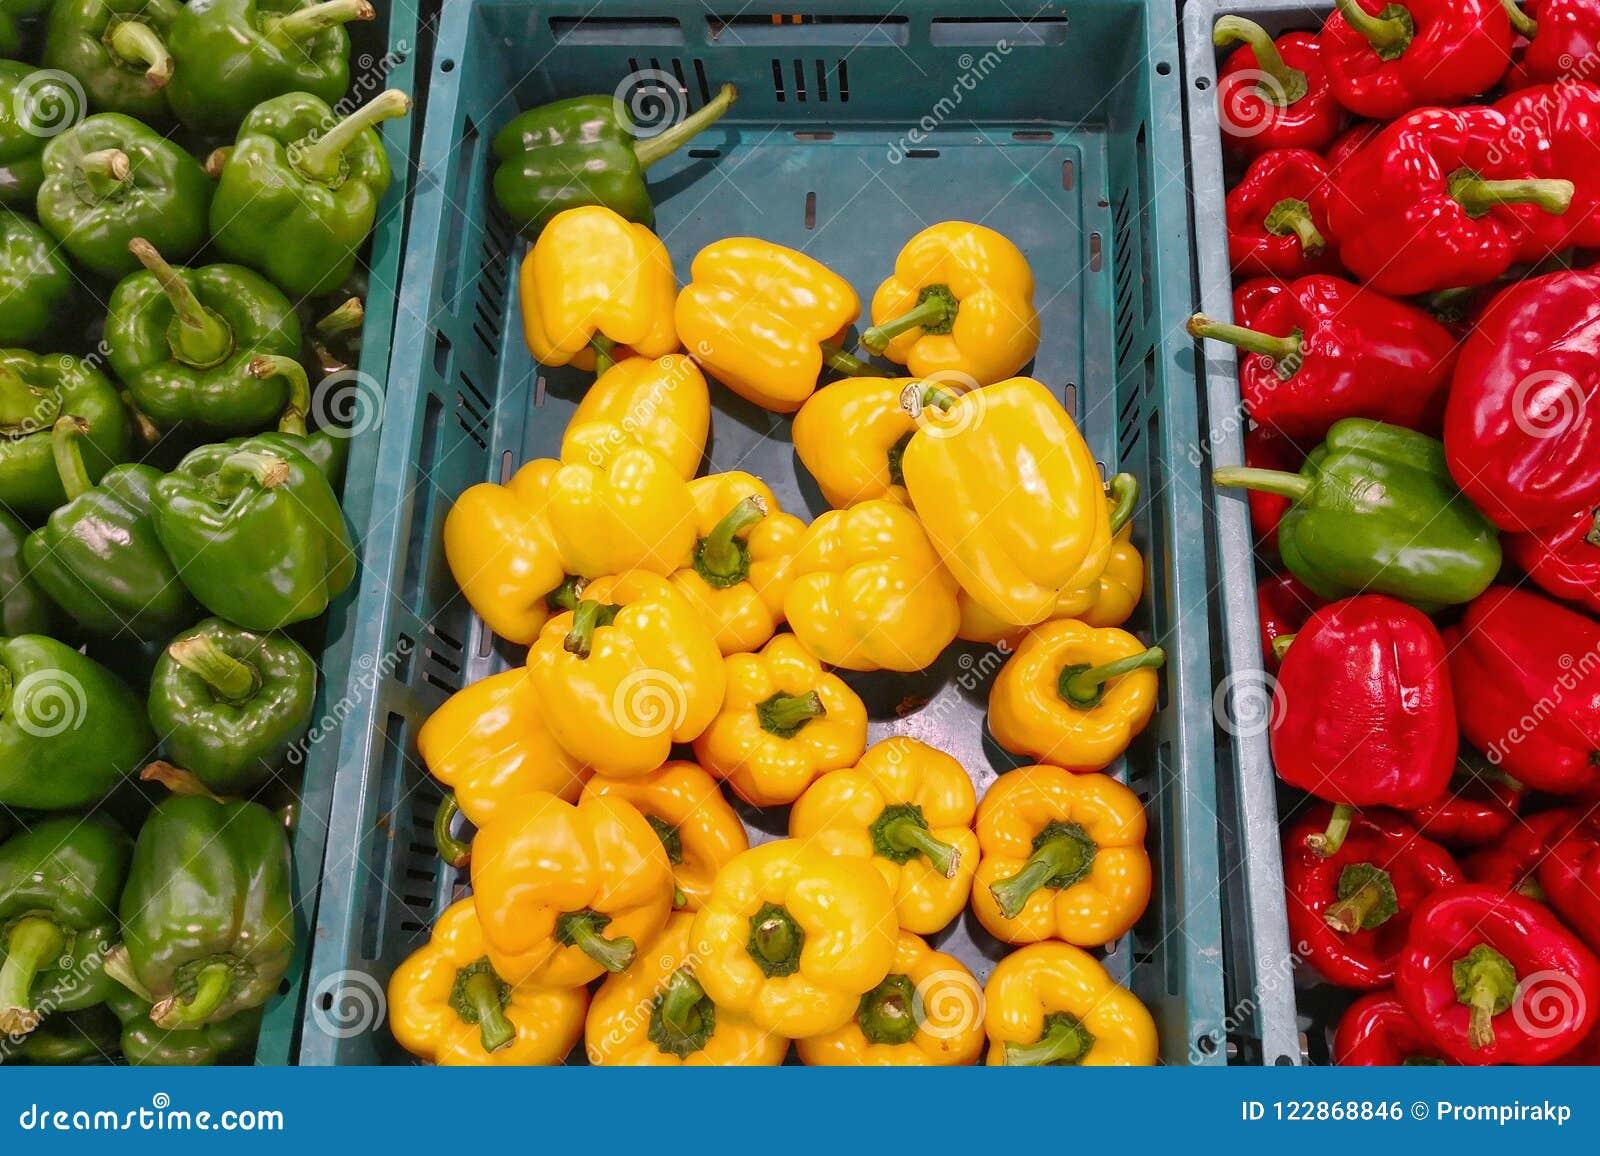 Peperone dolce giallo e verde rosso fresco sul mercato di strada